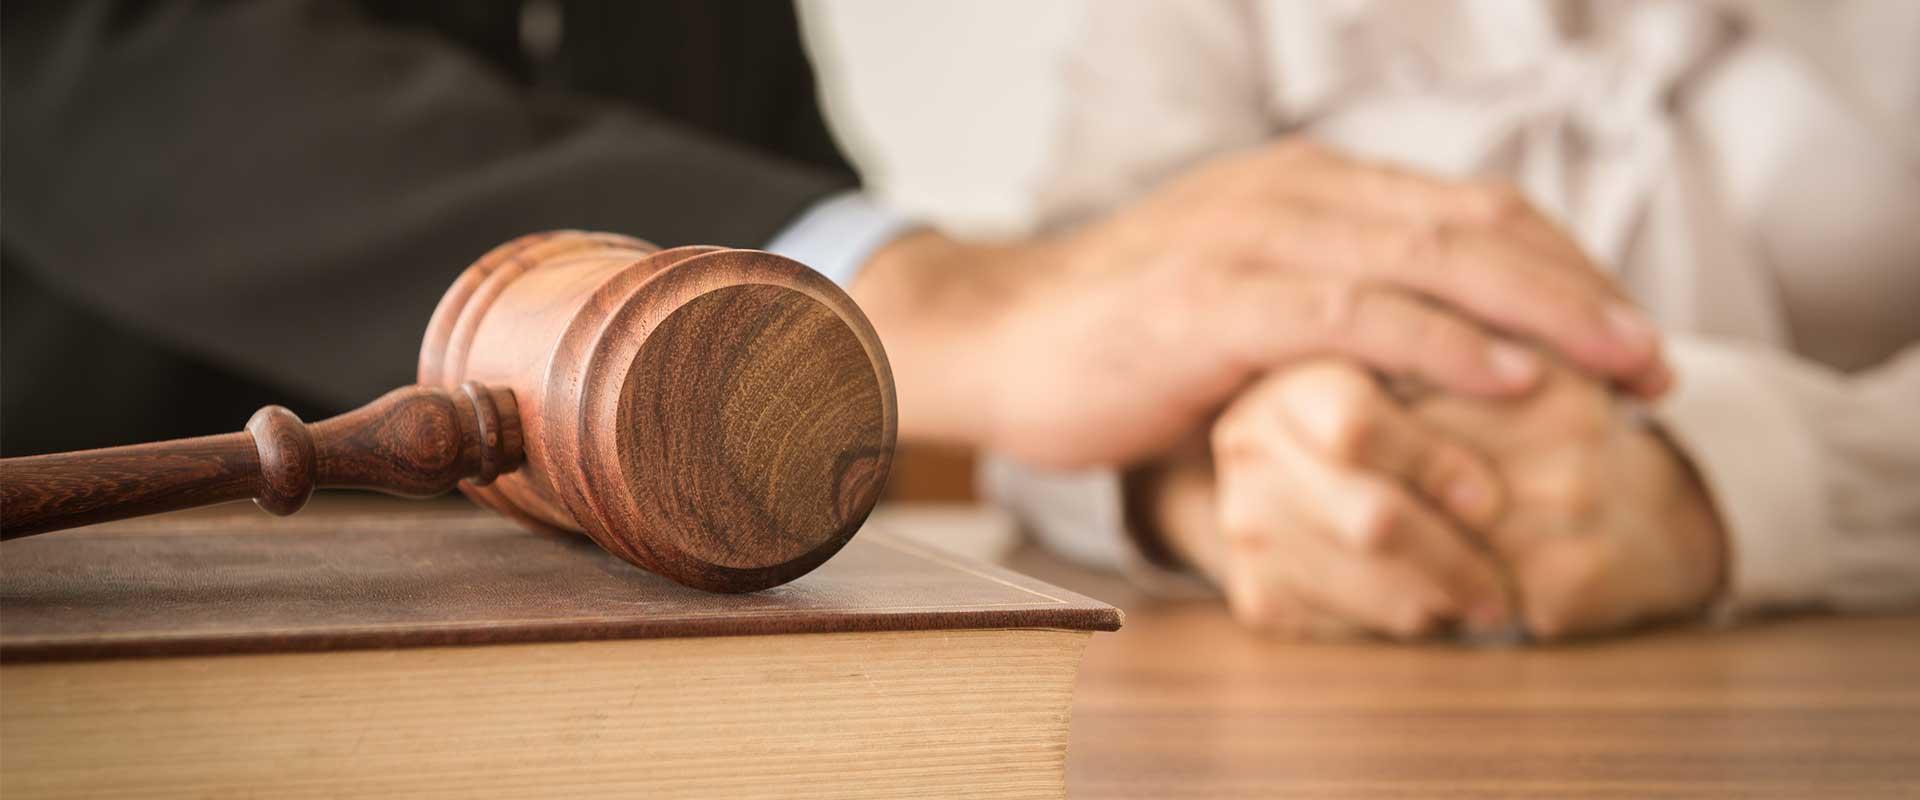 נתקלתם בפרסום בעניין הפקדת תכנית שעלולה לפגוע בנכס שבבעלותכם?? מה עושים?